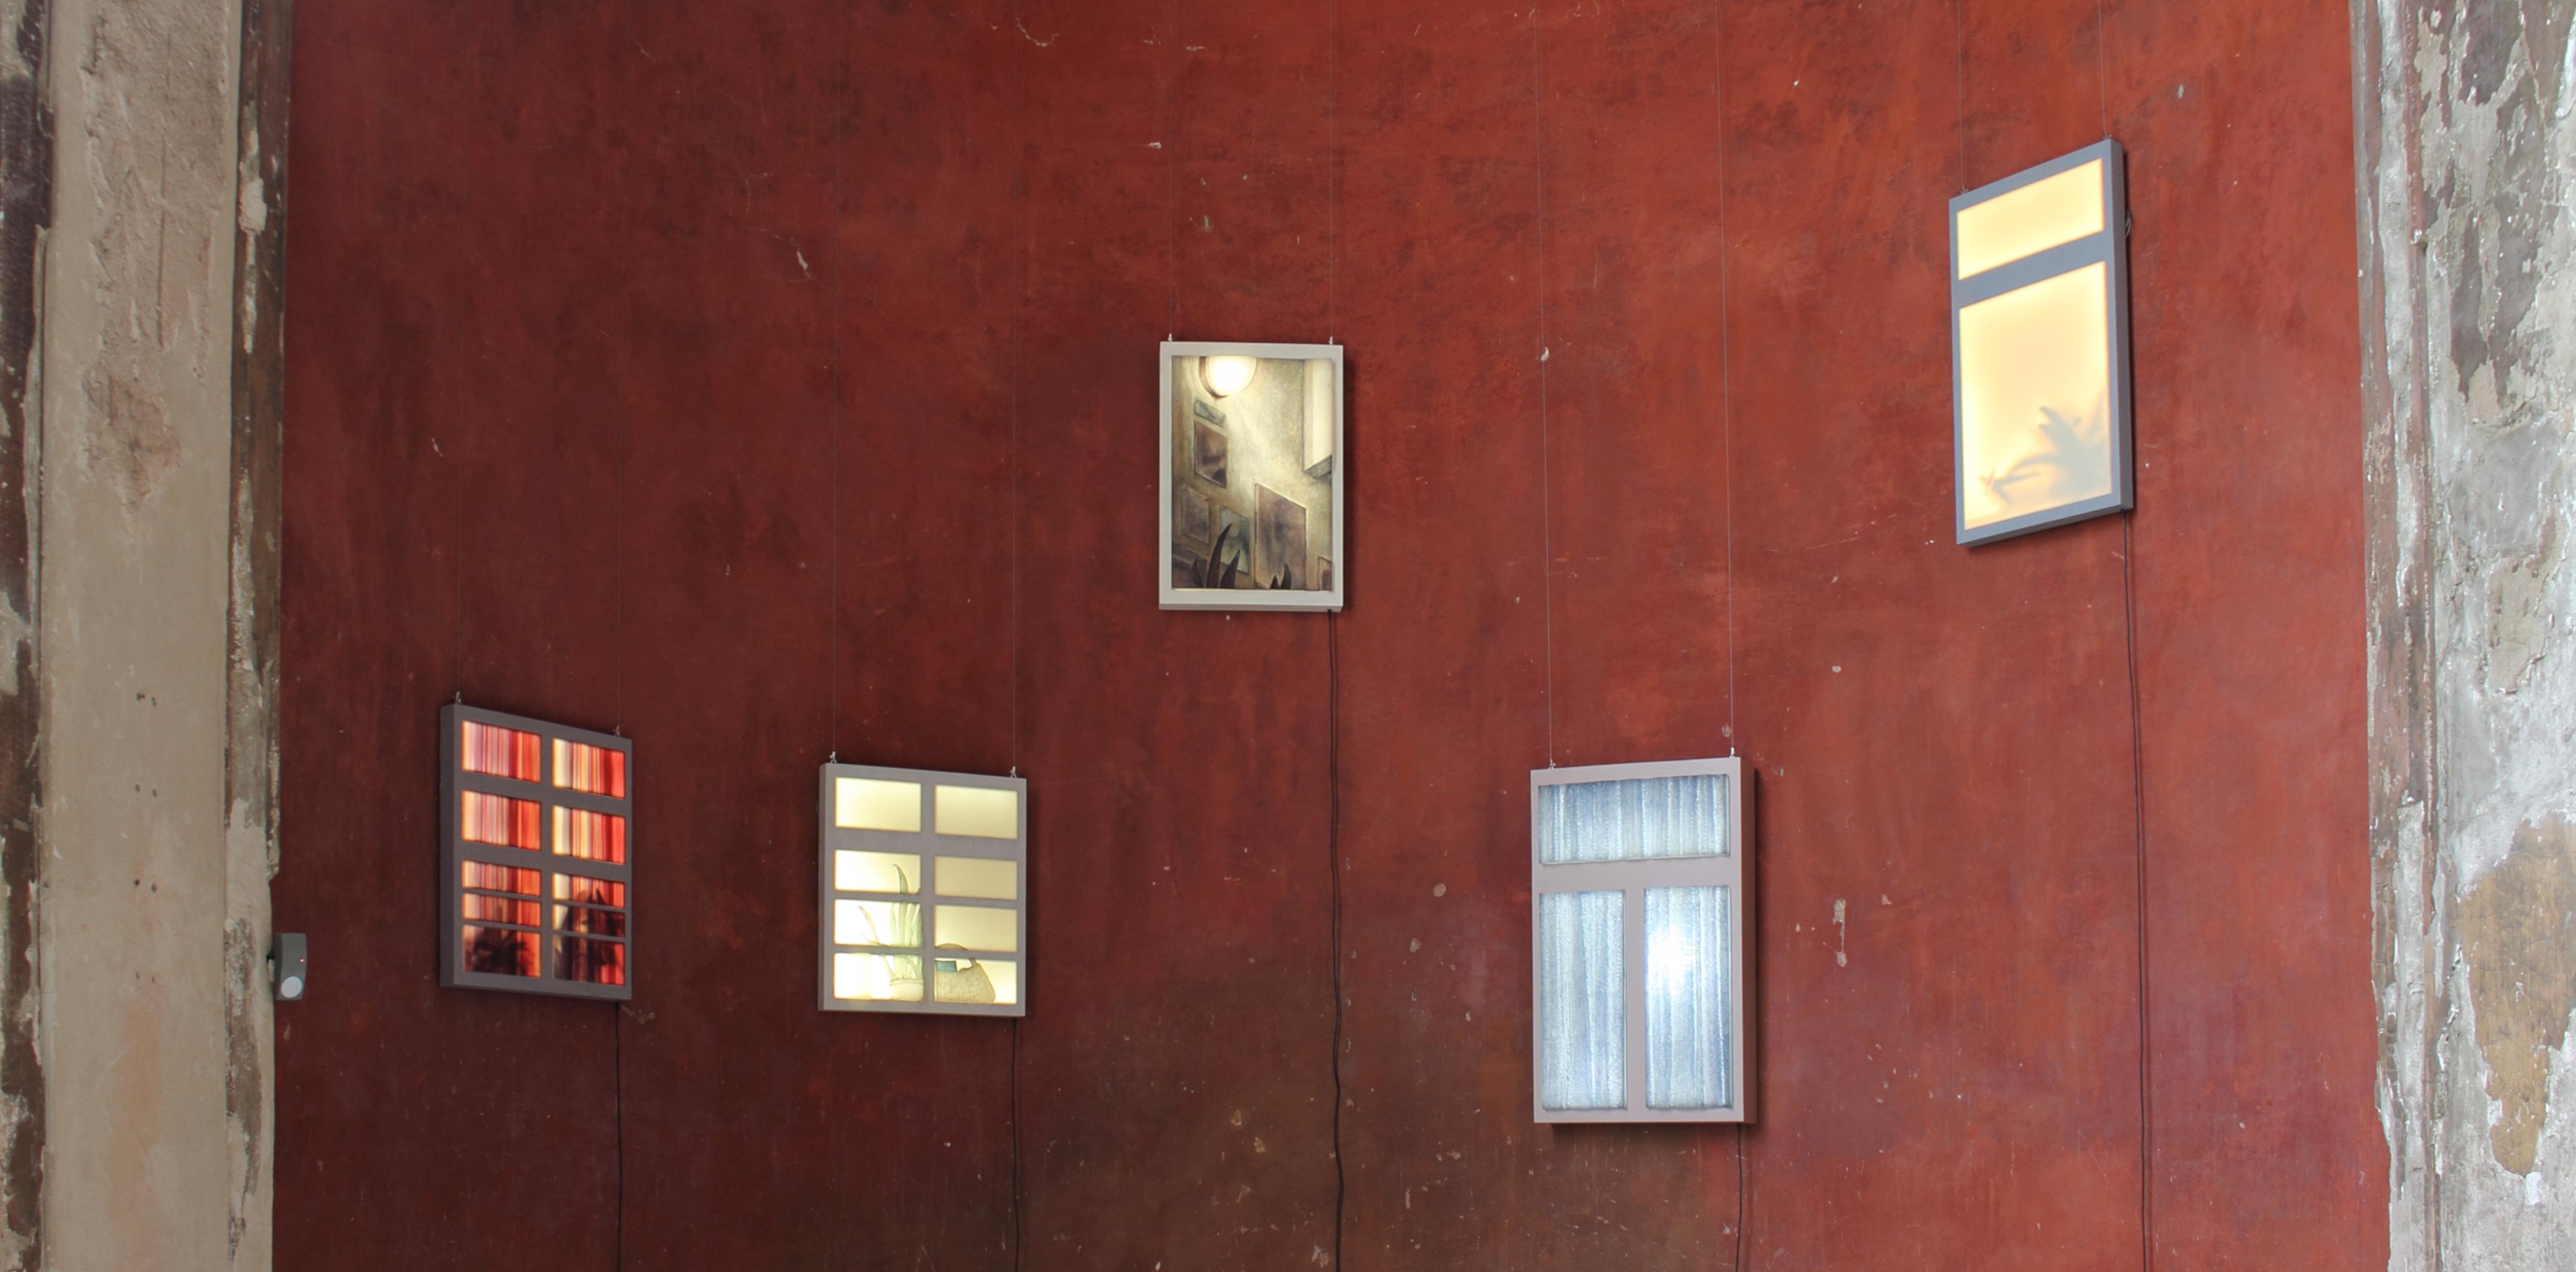 Fenster, Art, Light, Leuchten, Objekte, Leuchtobjekte, Licht